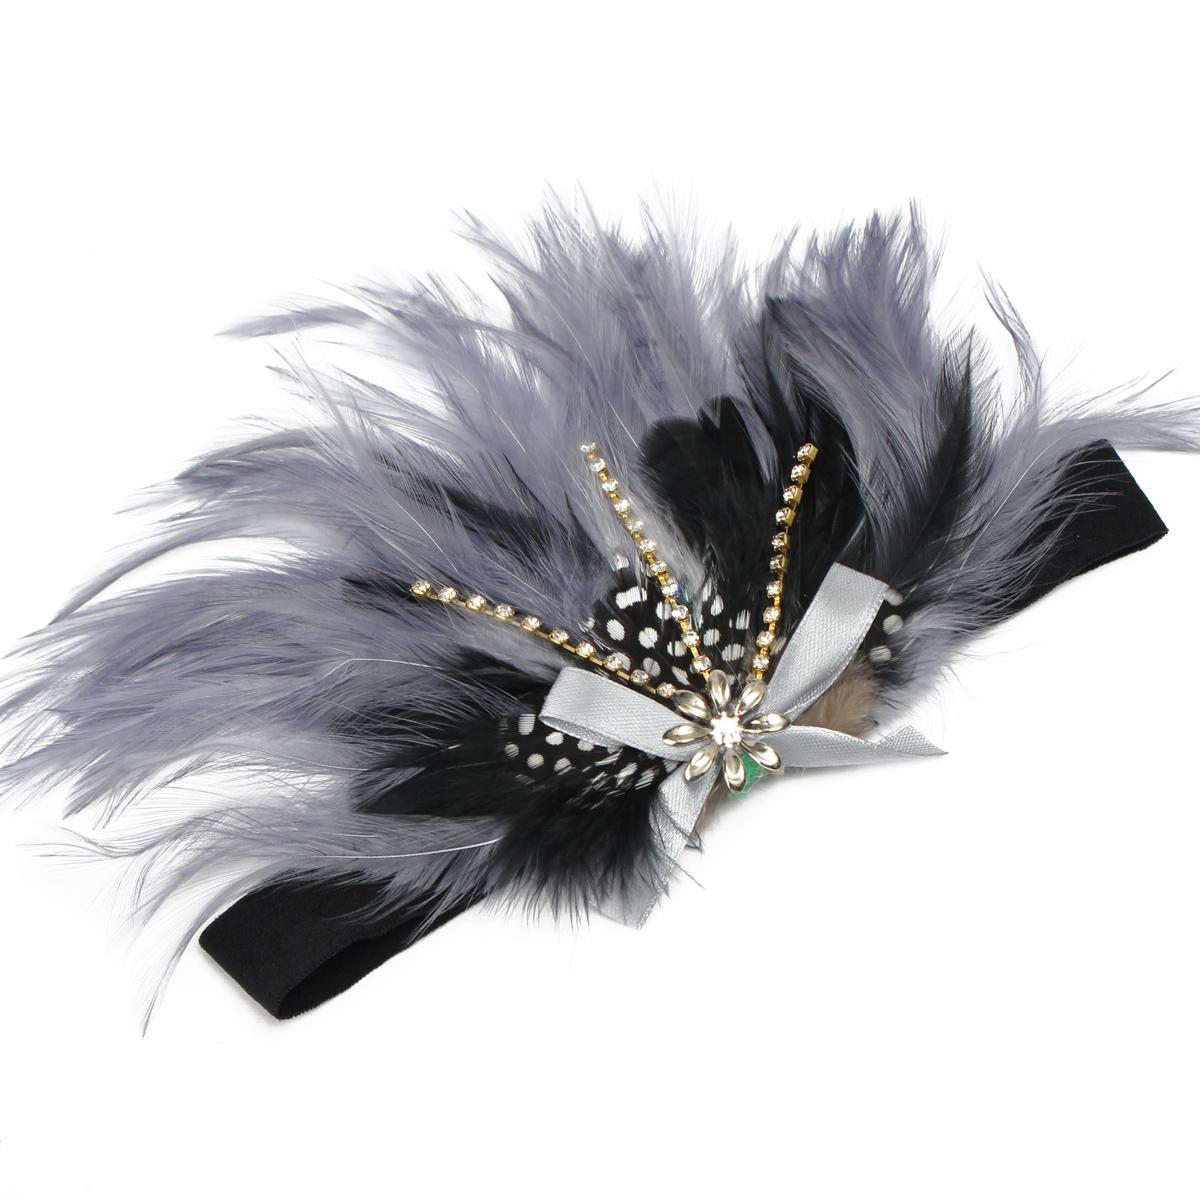 b b bandeau cheveux plume serre t te elastique fille enfant accessoires mariage ebay. Black Bedroom Furniture Sets. Home Design Ideas